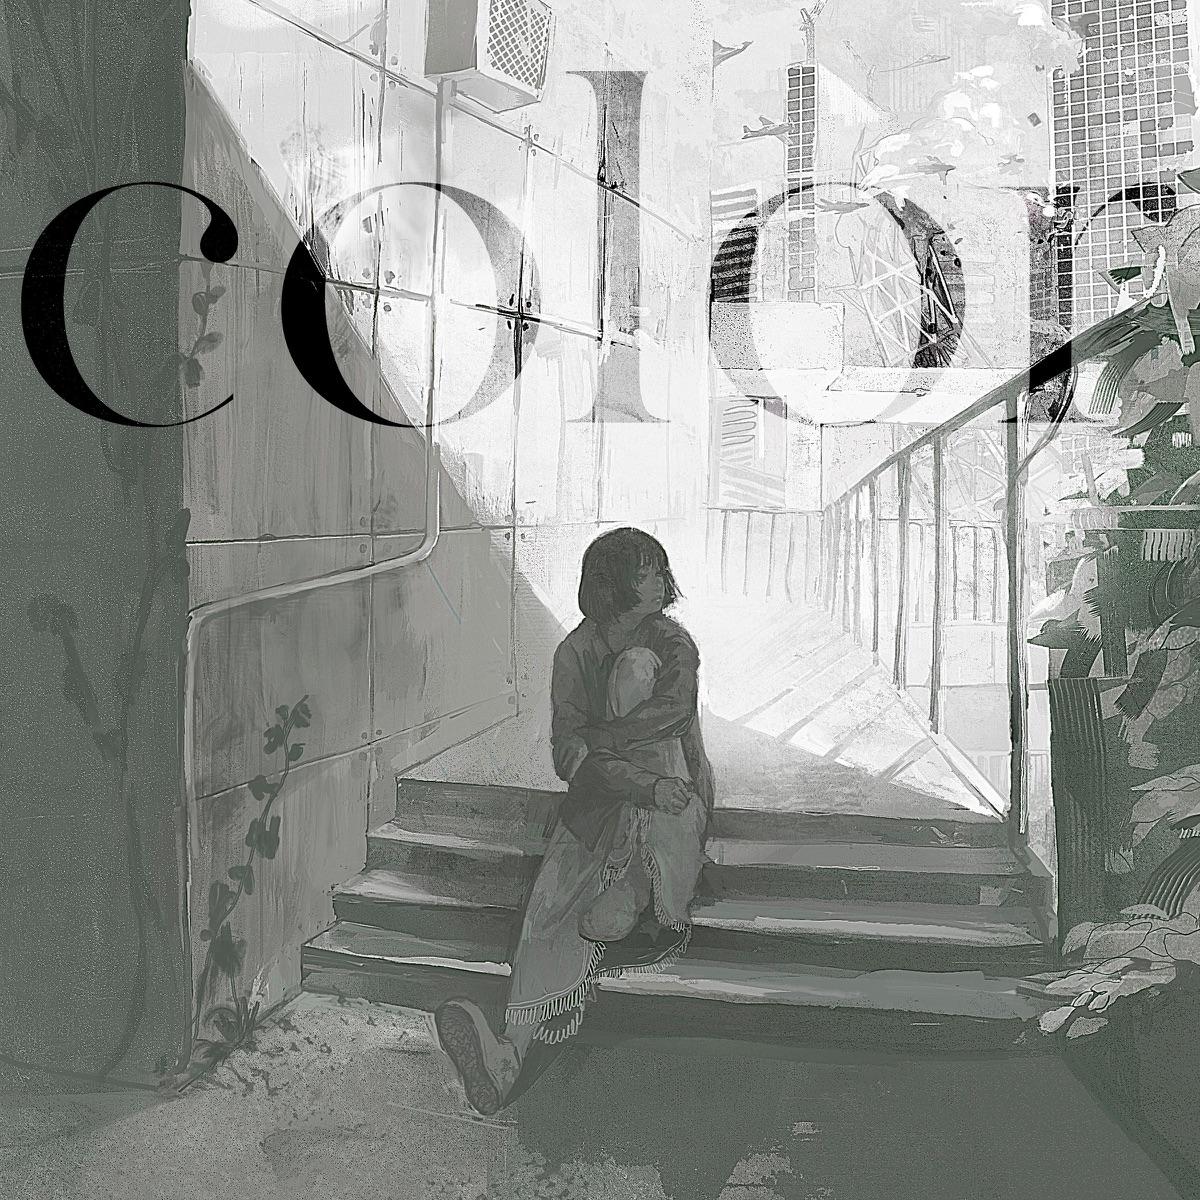 『みゆな - color』収録の『color』ジャケット